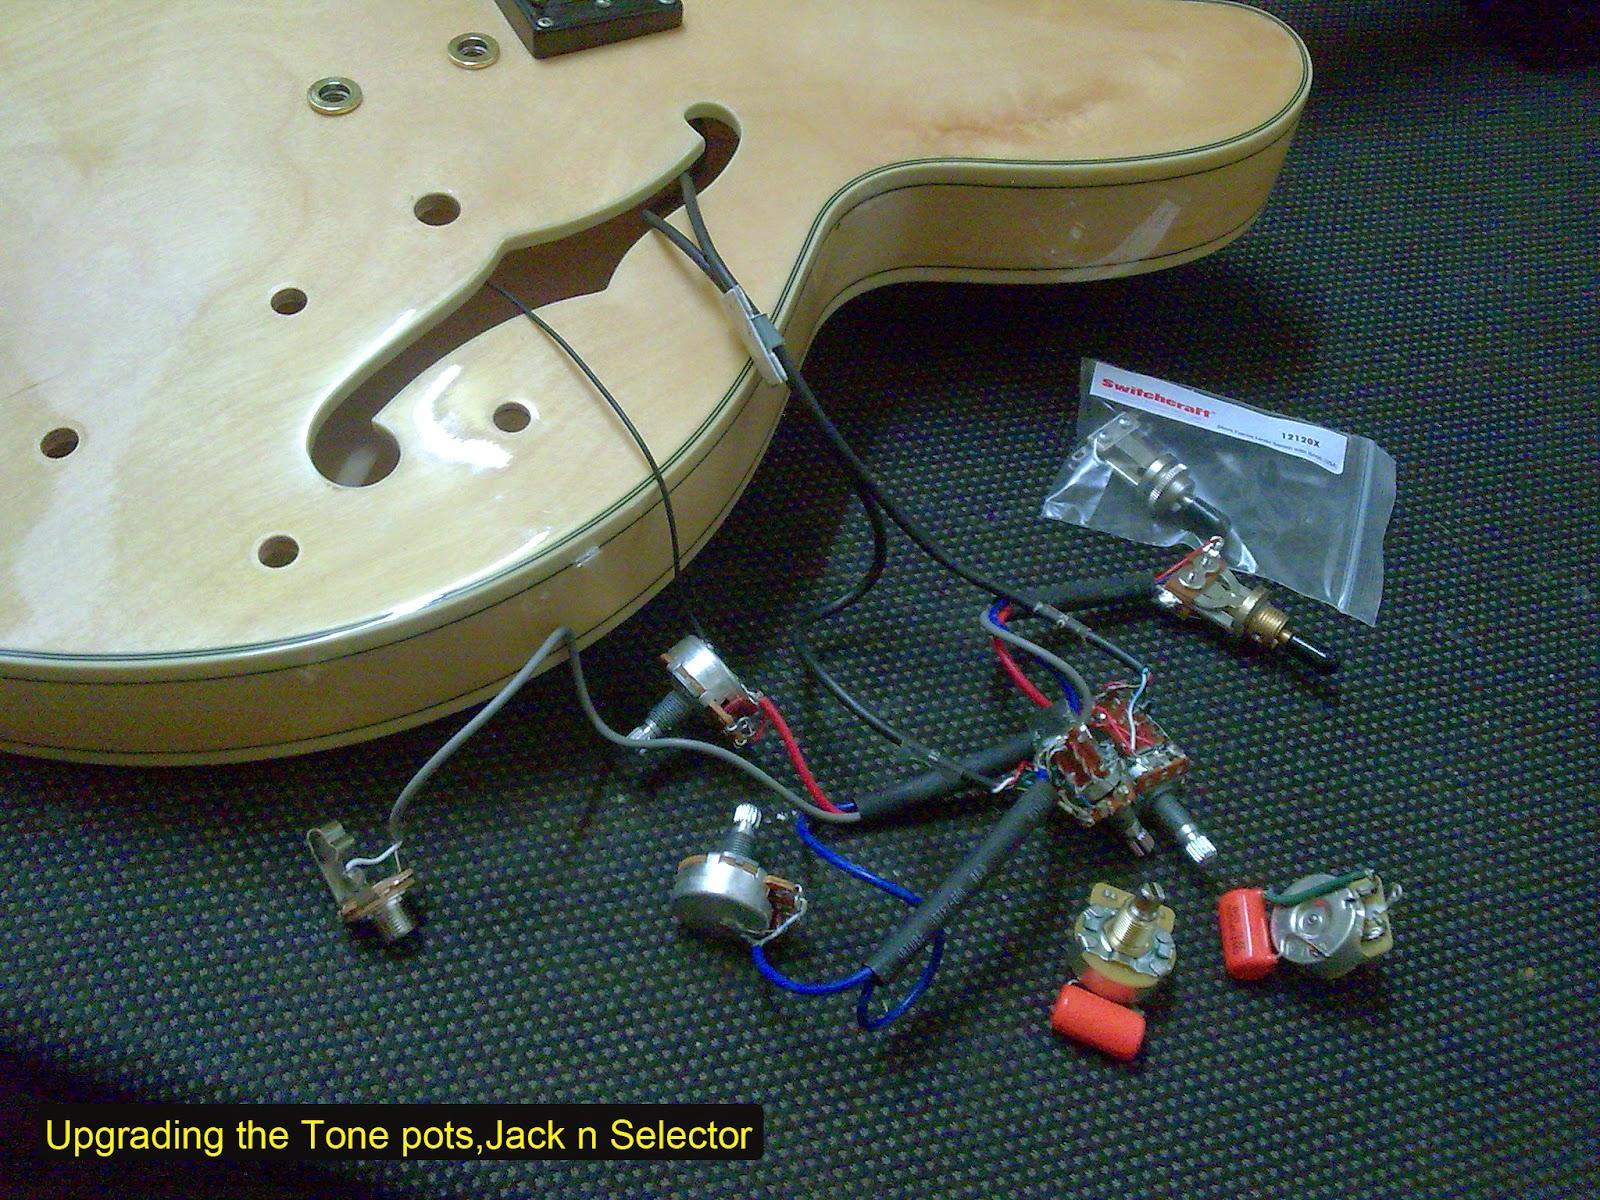 epiphone sheraton ii wiring diagram membaiki alatan muzik gibson    epiphone       sheraton       ii    na  membaiki alatan muzik gibson    epiphone       sheraton       ii    na